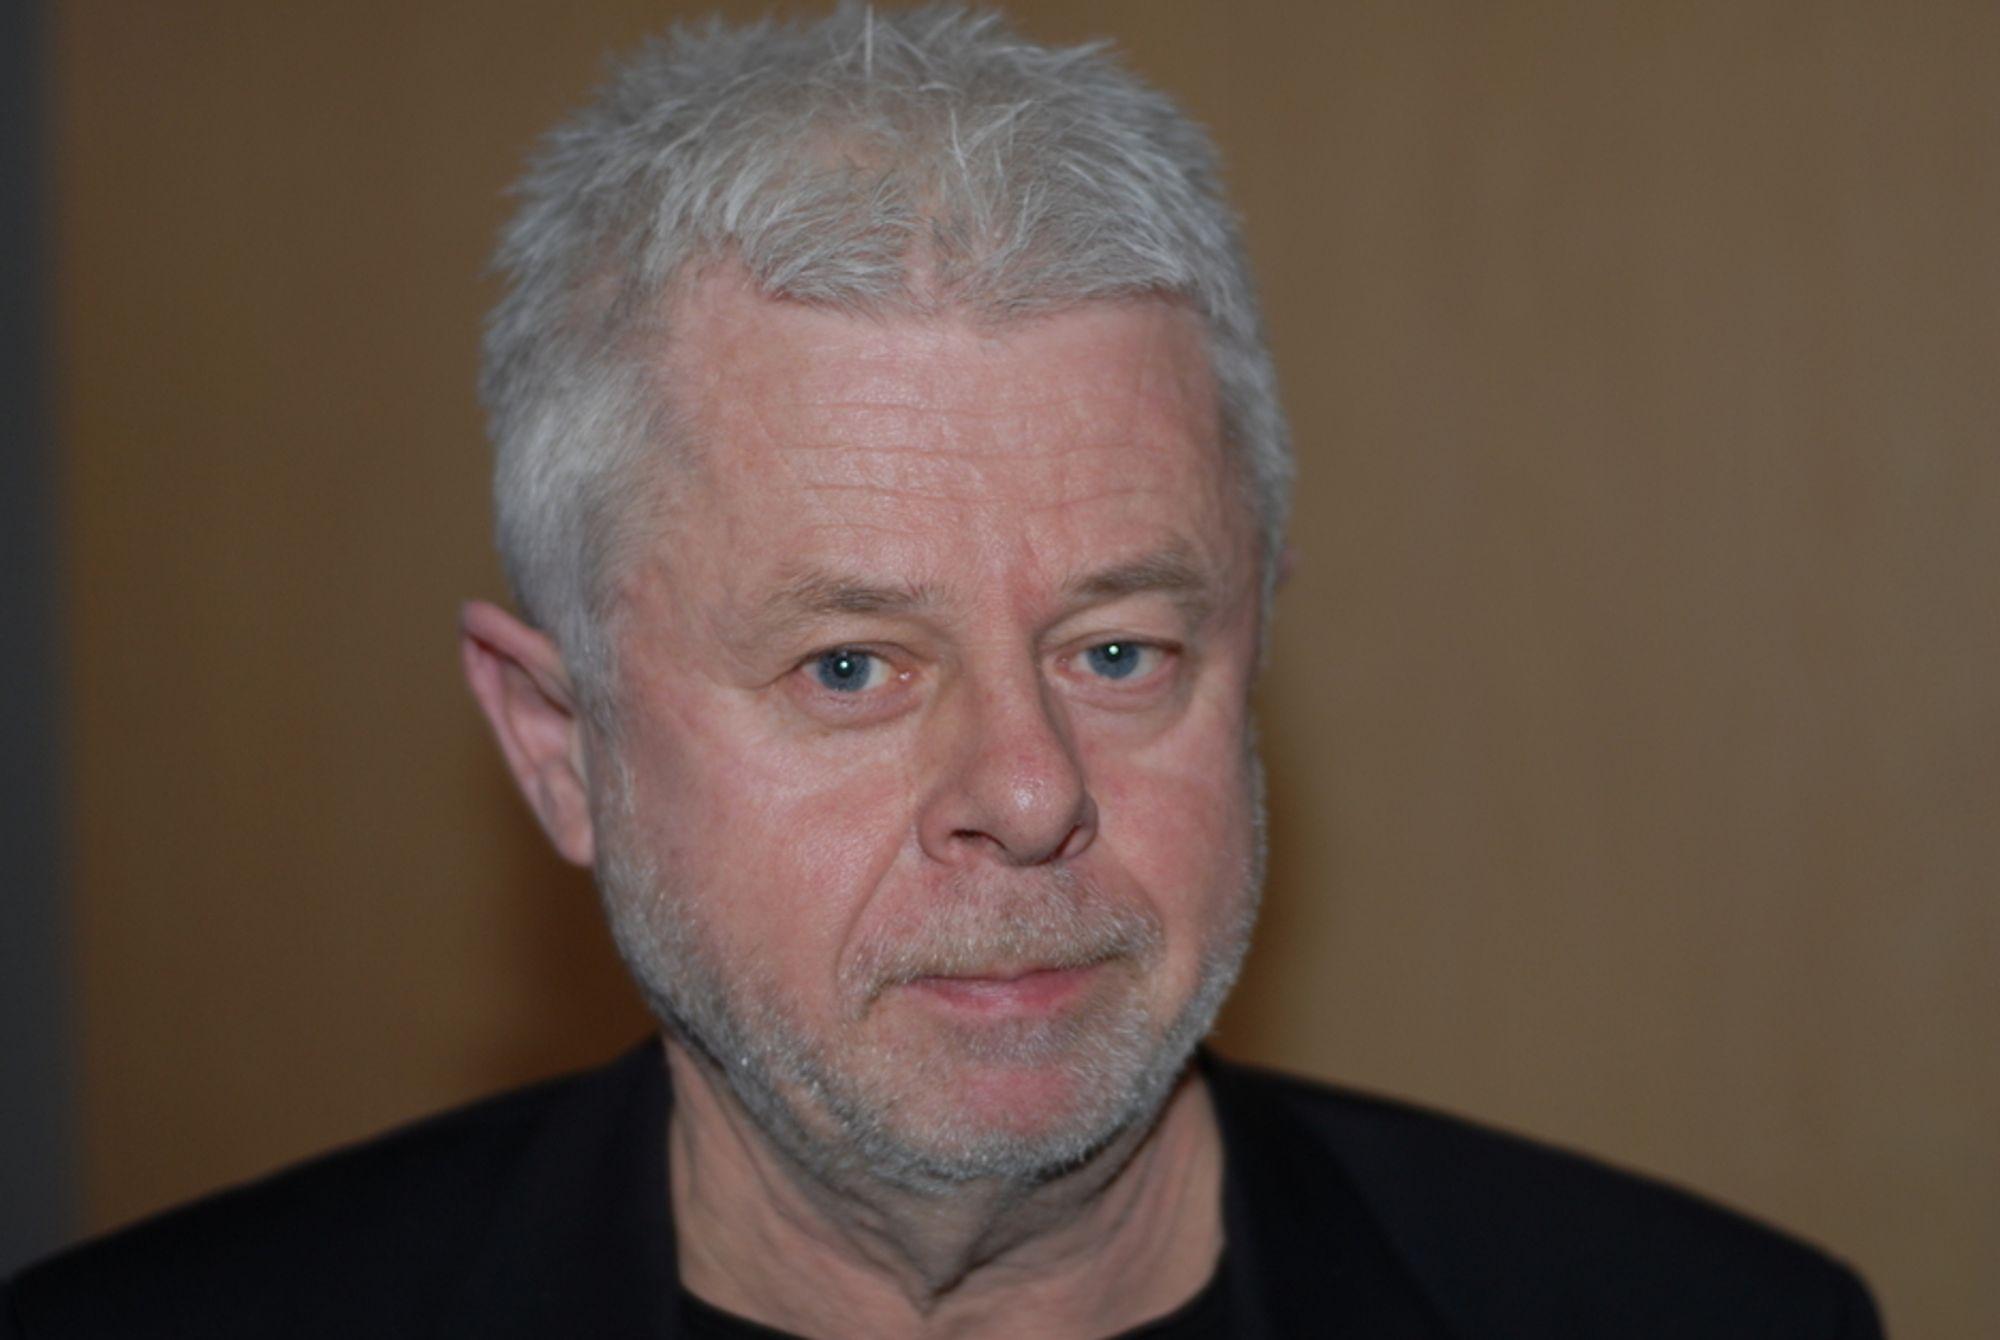 ETTERLYSER REALISME: NVEs Arne Olsen ønsker mer realisme og respekt for faglige vurderinger i kraftlinjedebatten.